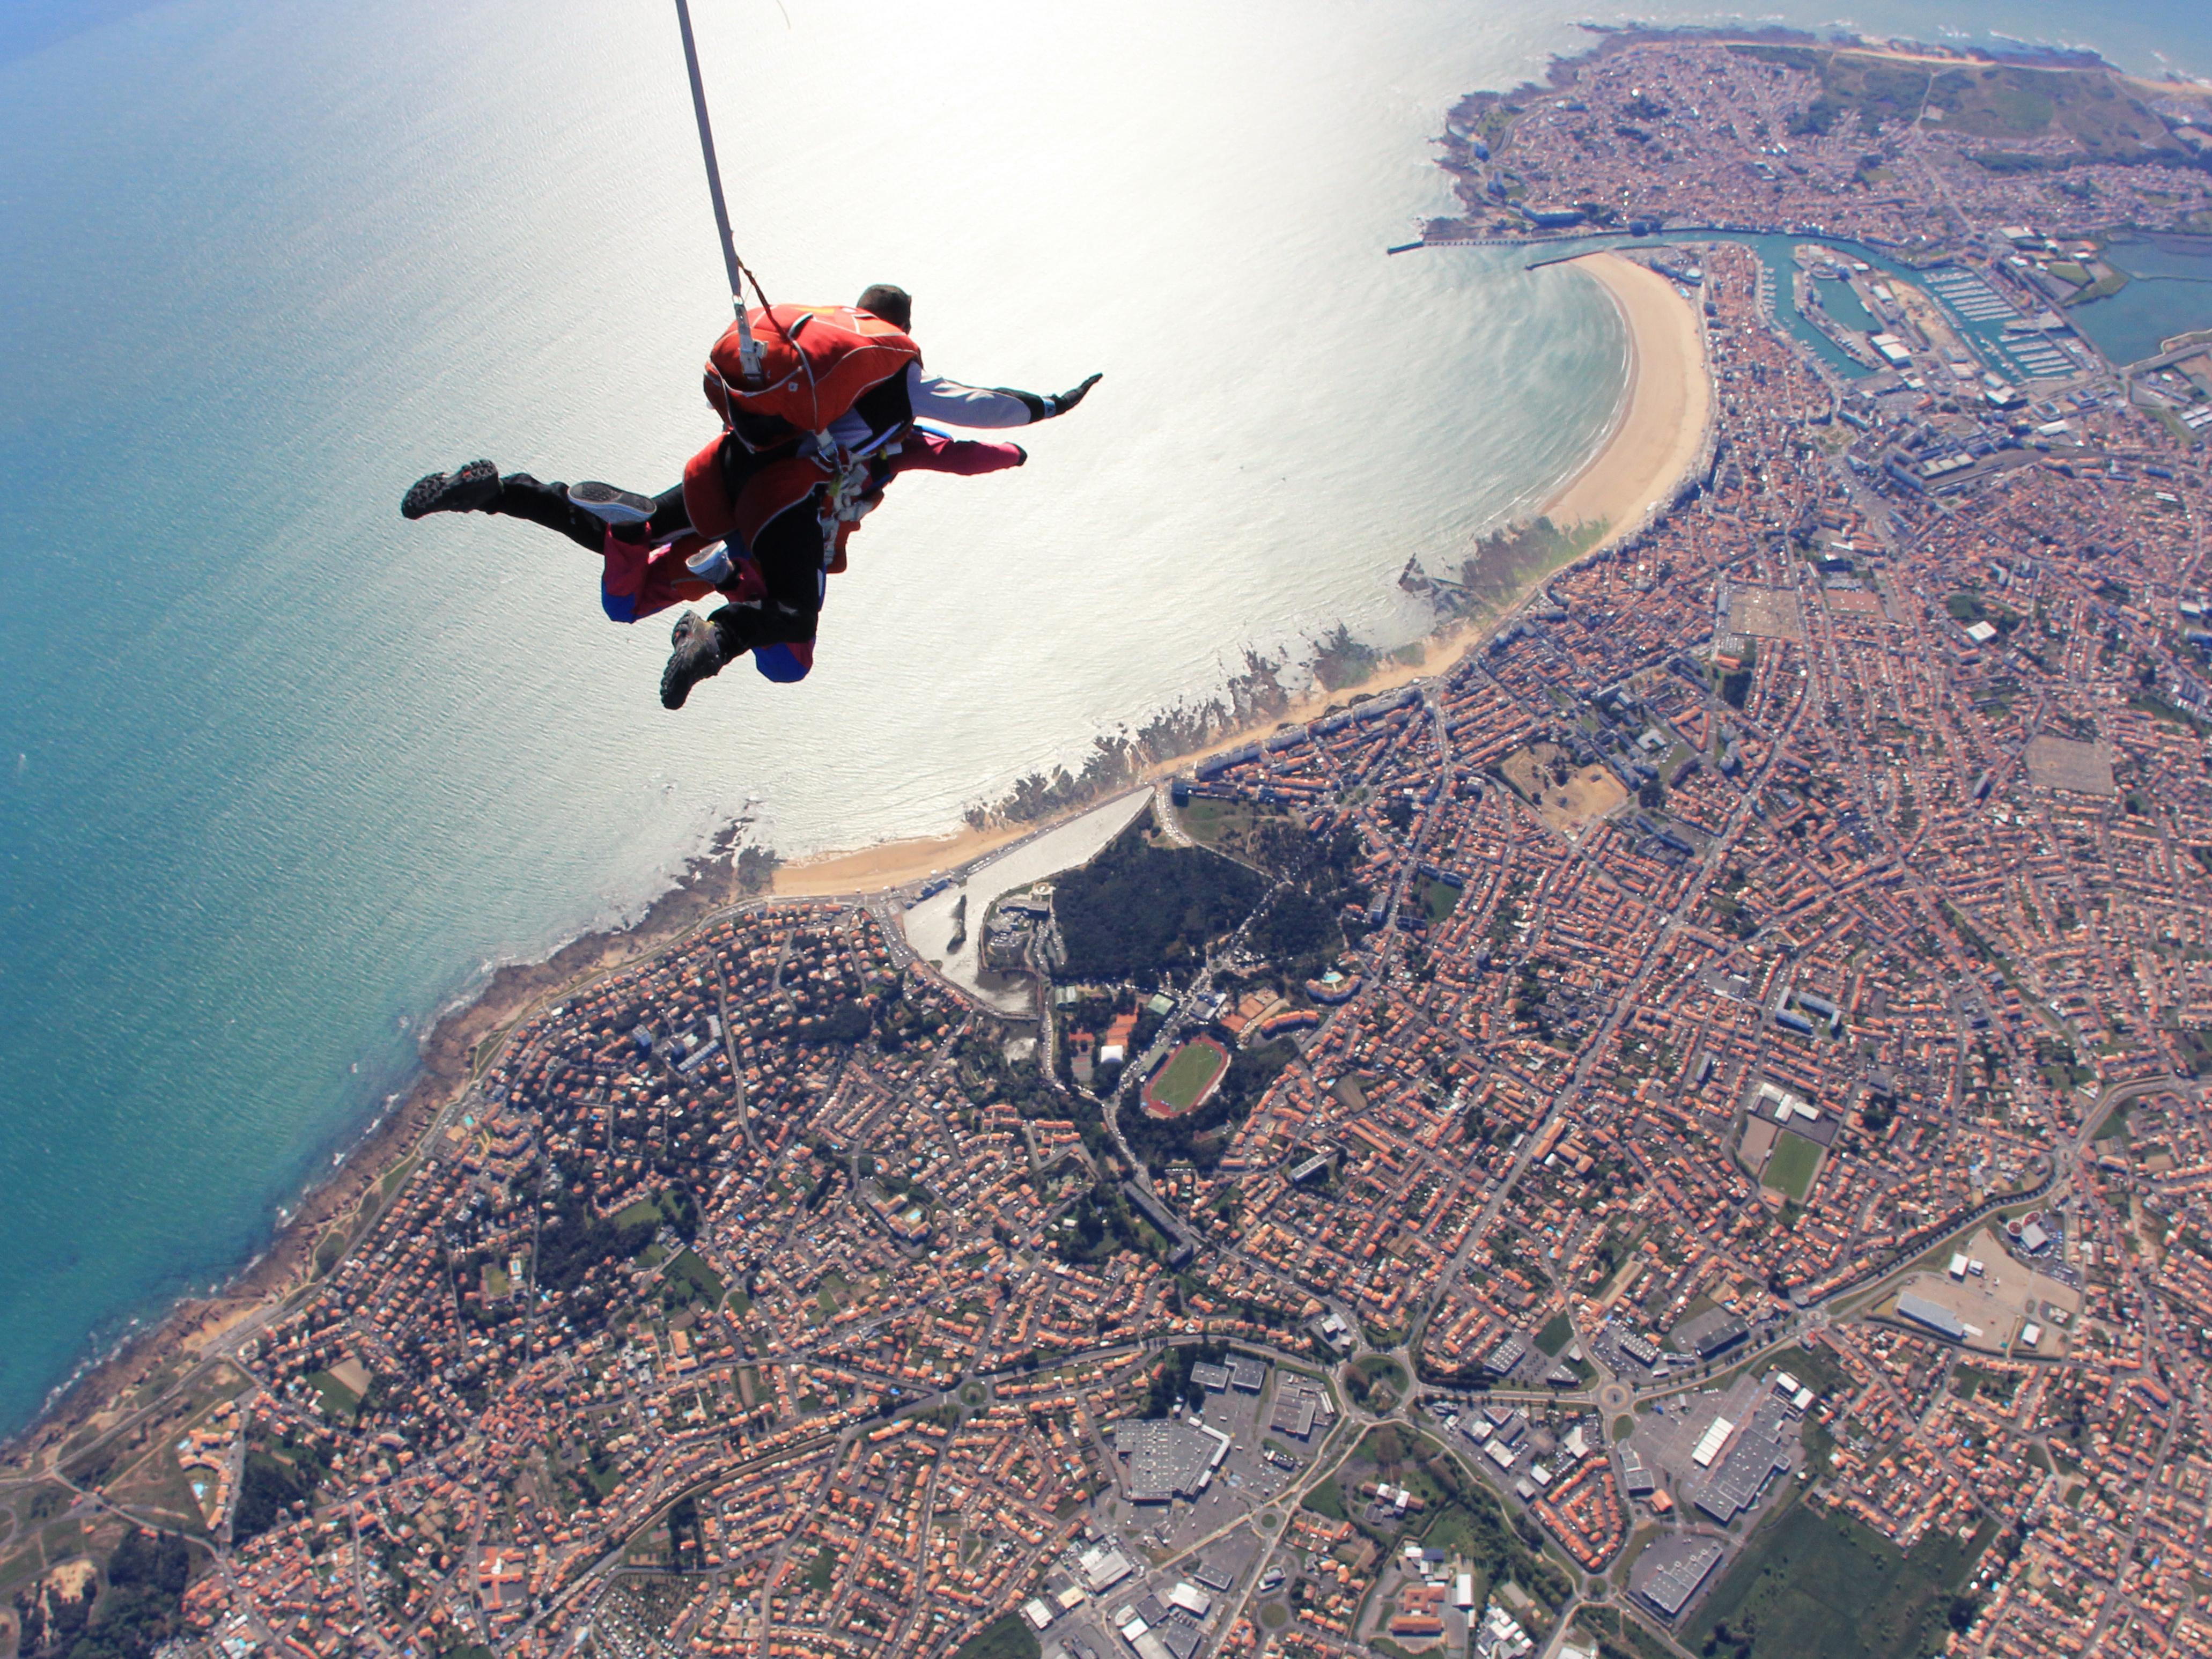 Saut en parachute en tandem cadeaux kazaden - Saut en parachute nevers ...